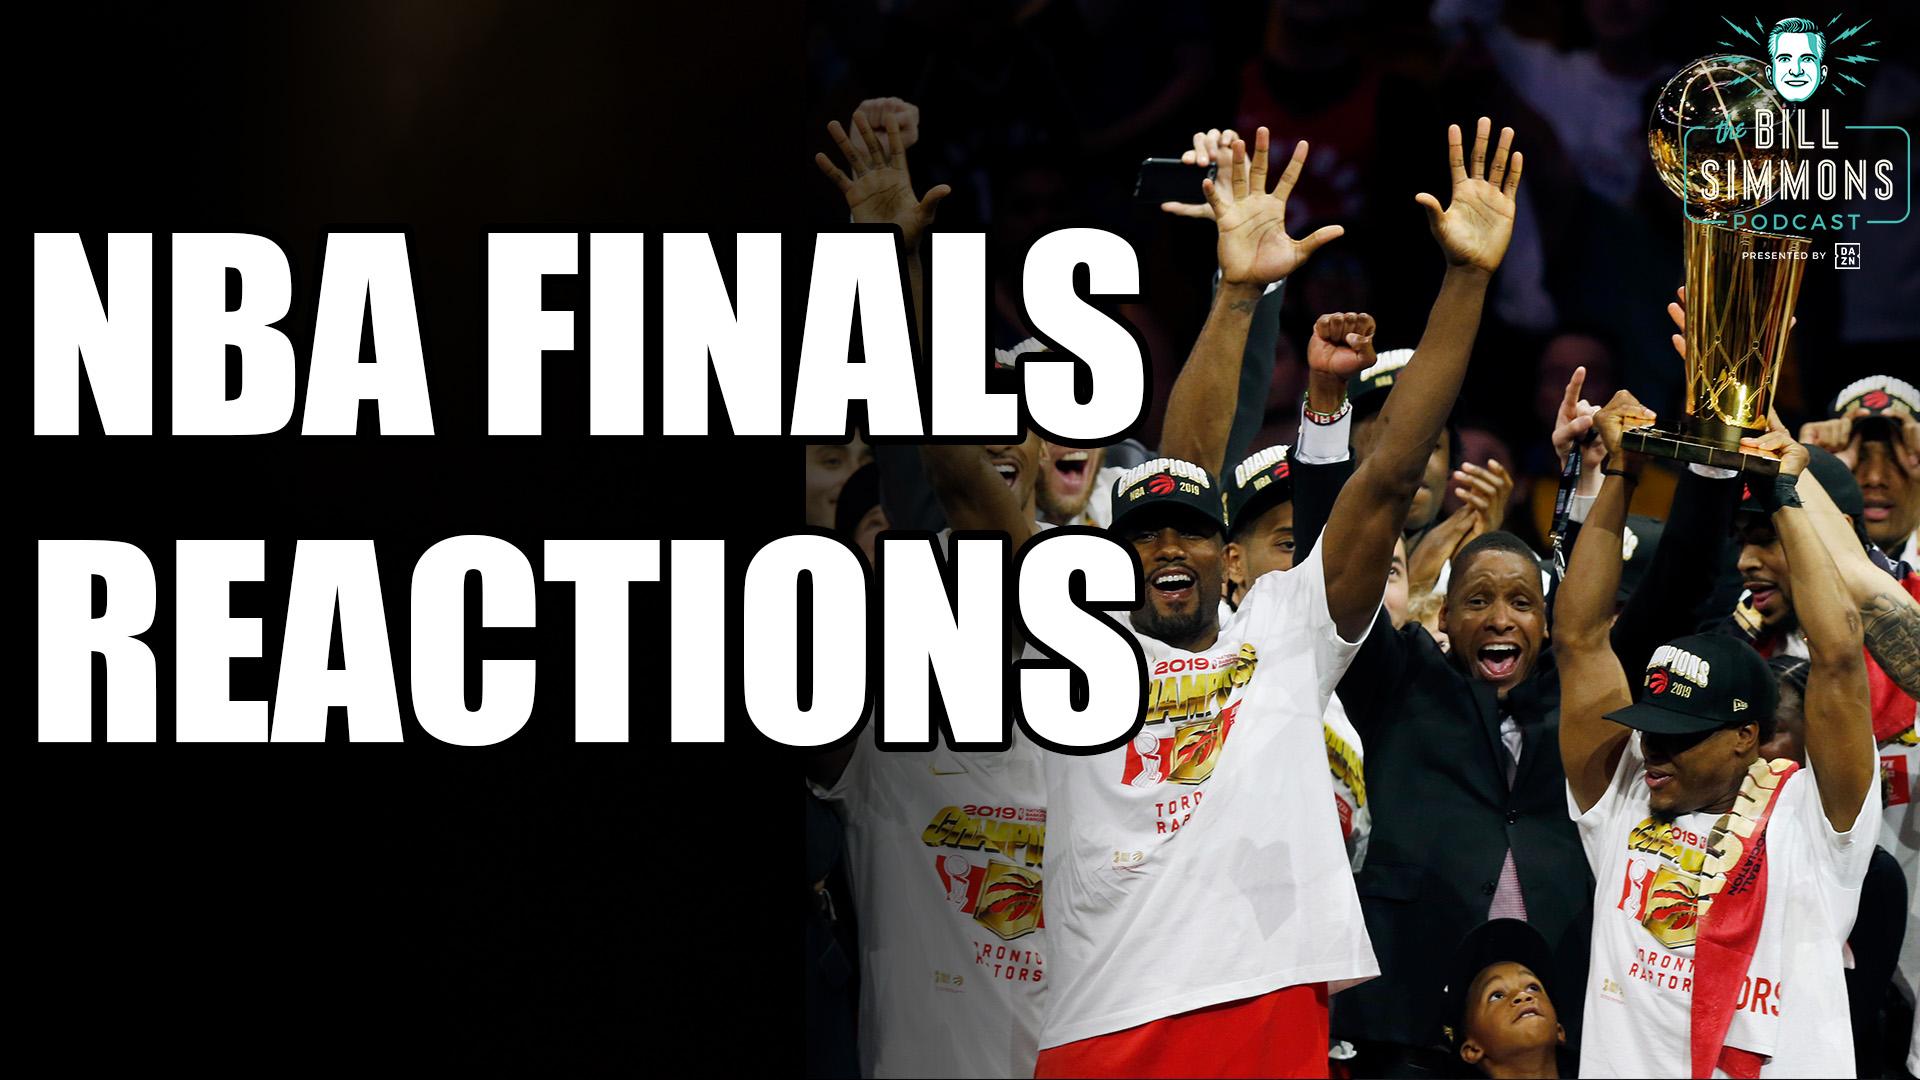 NBA Finals - The Ringer